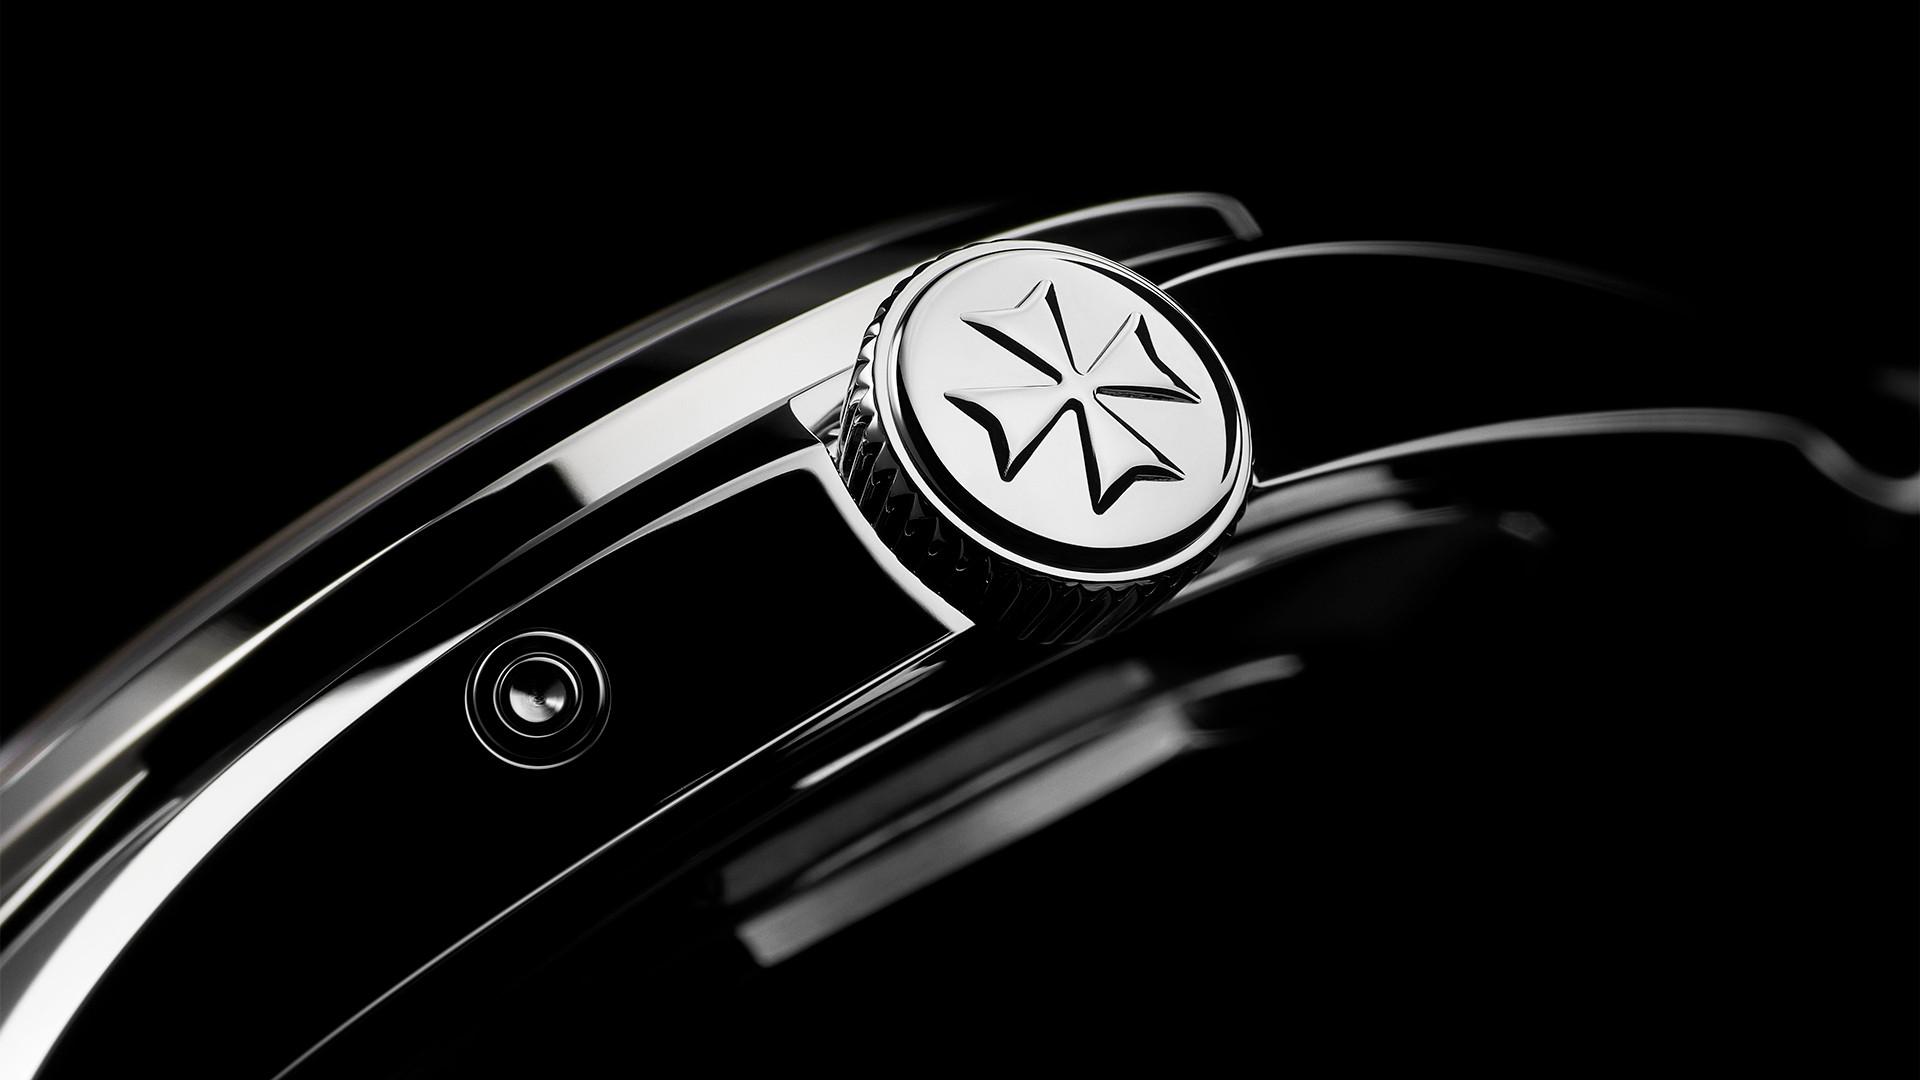 Vacheron Constantin Fiftysix Complete Calendar watch – crown details